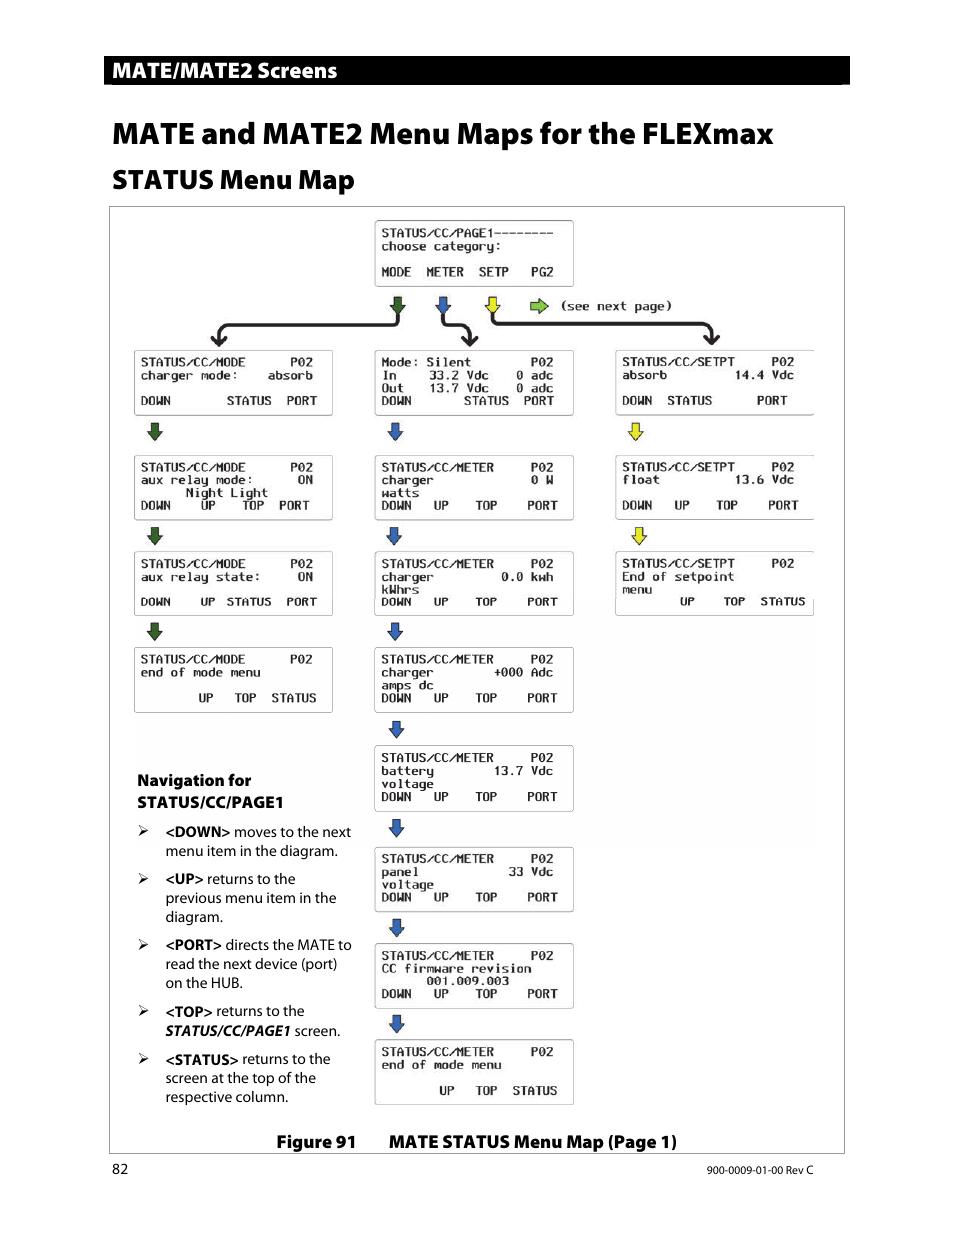 Mate and mate2 menu maps for the flexmax, Status menu map